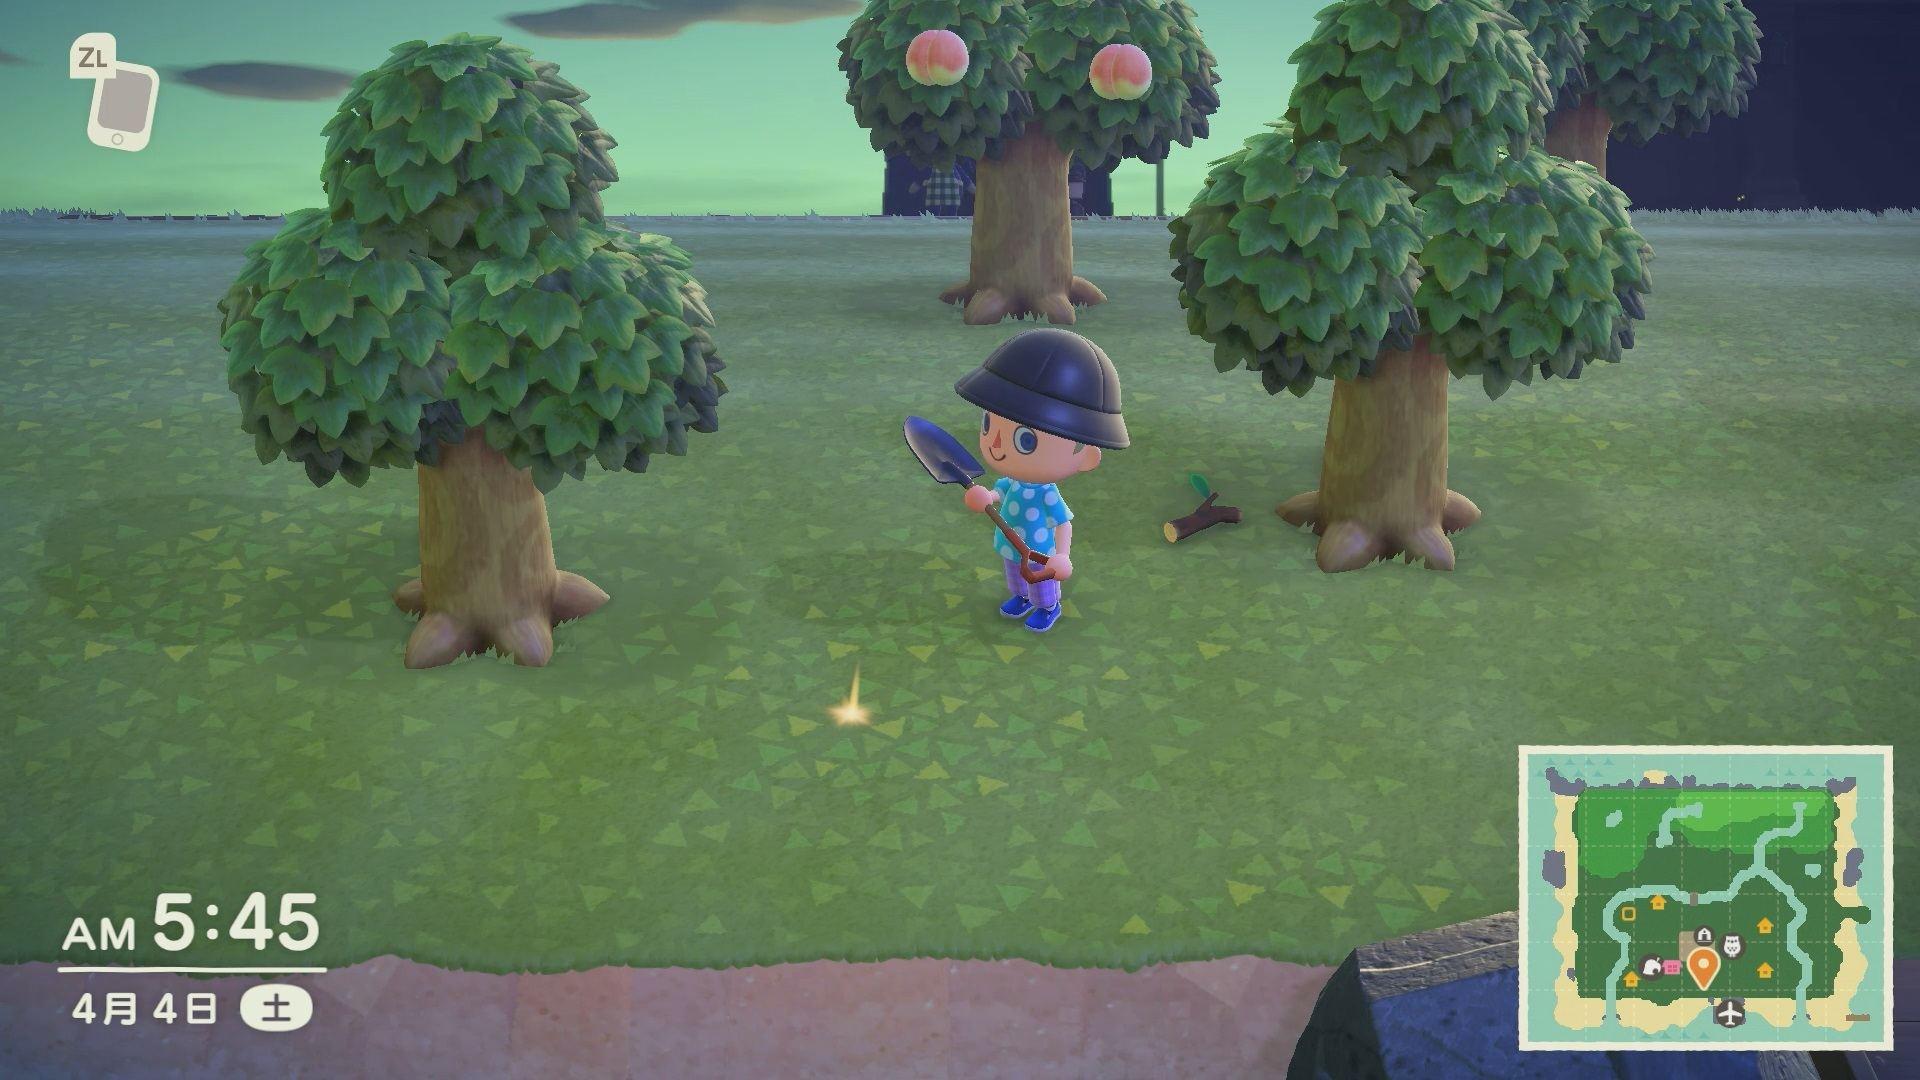 ベル 埋める 森 あつ